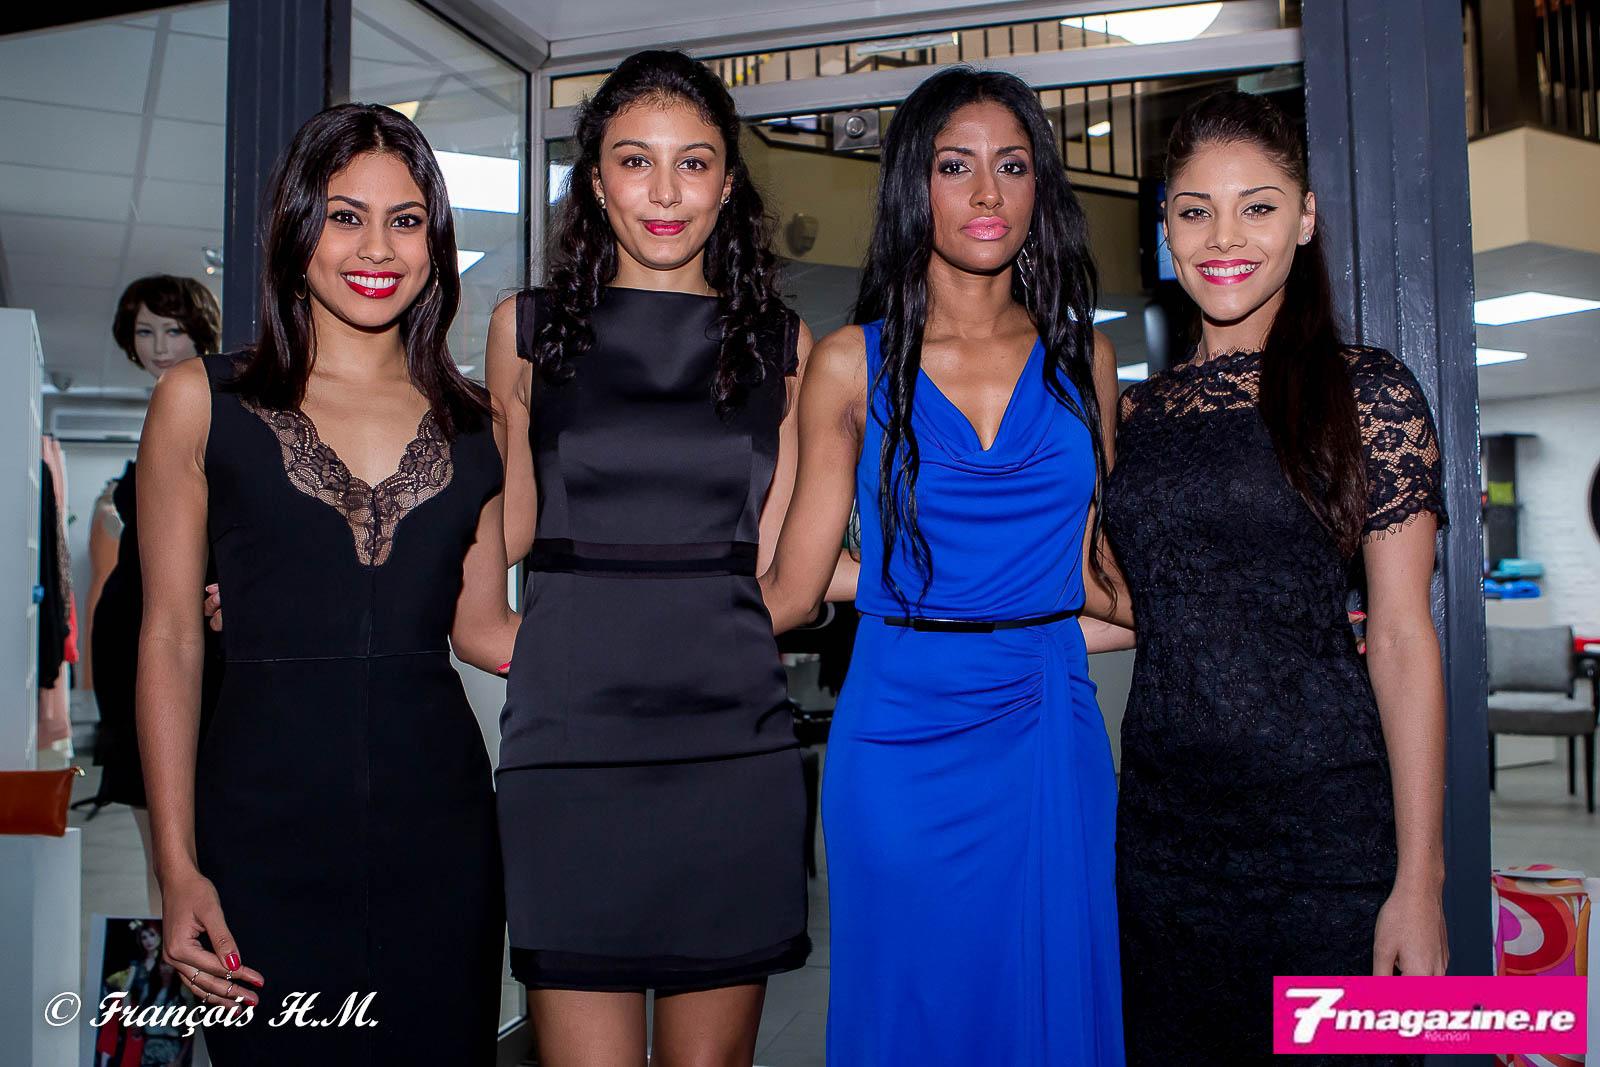 Shirley avec les hôtesses de la soirée, Ludwina, Anaïs et Océane